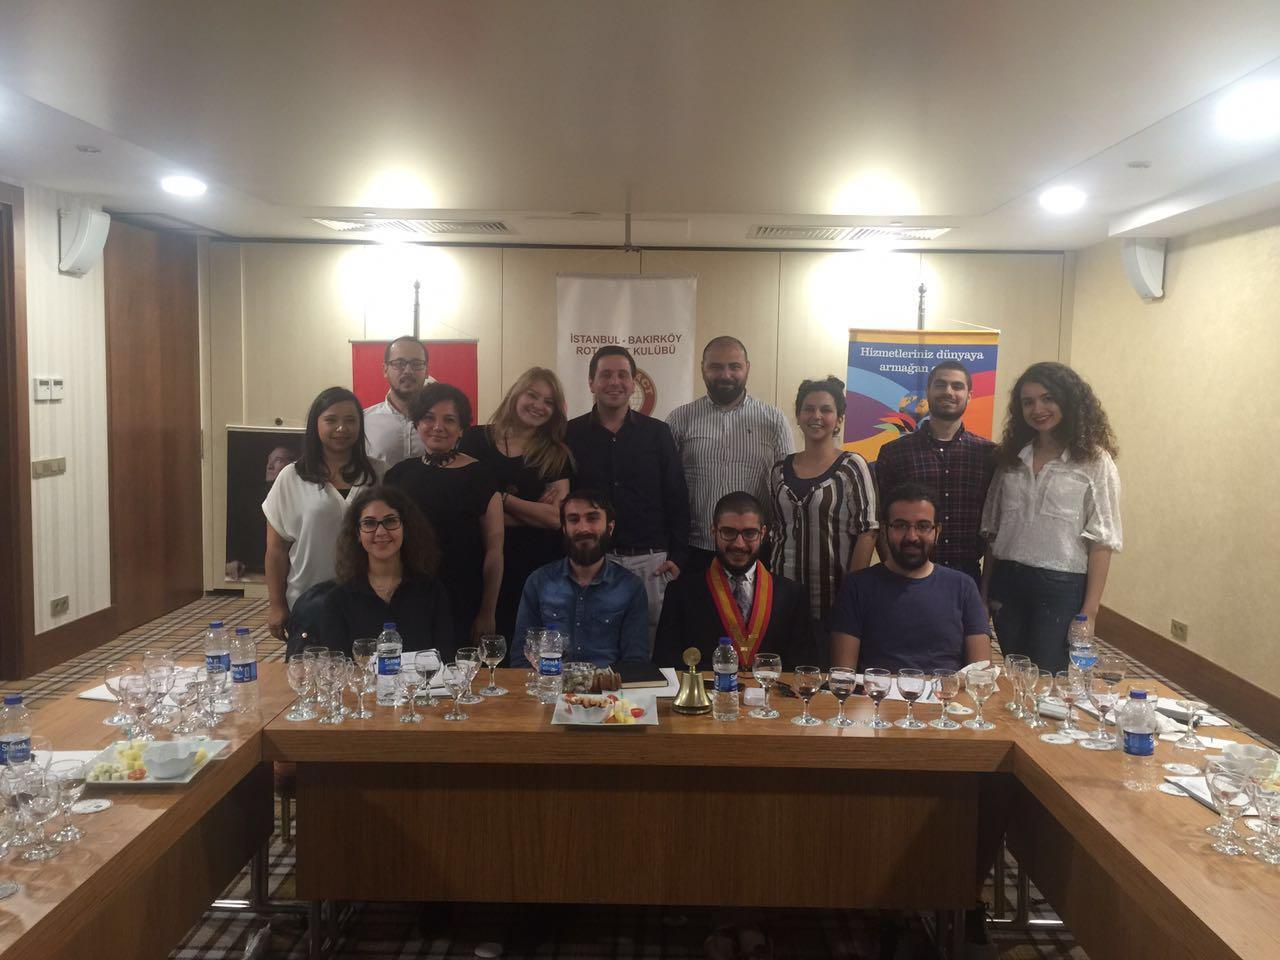 20.04.2016 / Geleneksel Şarap Tadımı Organizasyonu